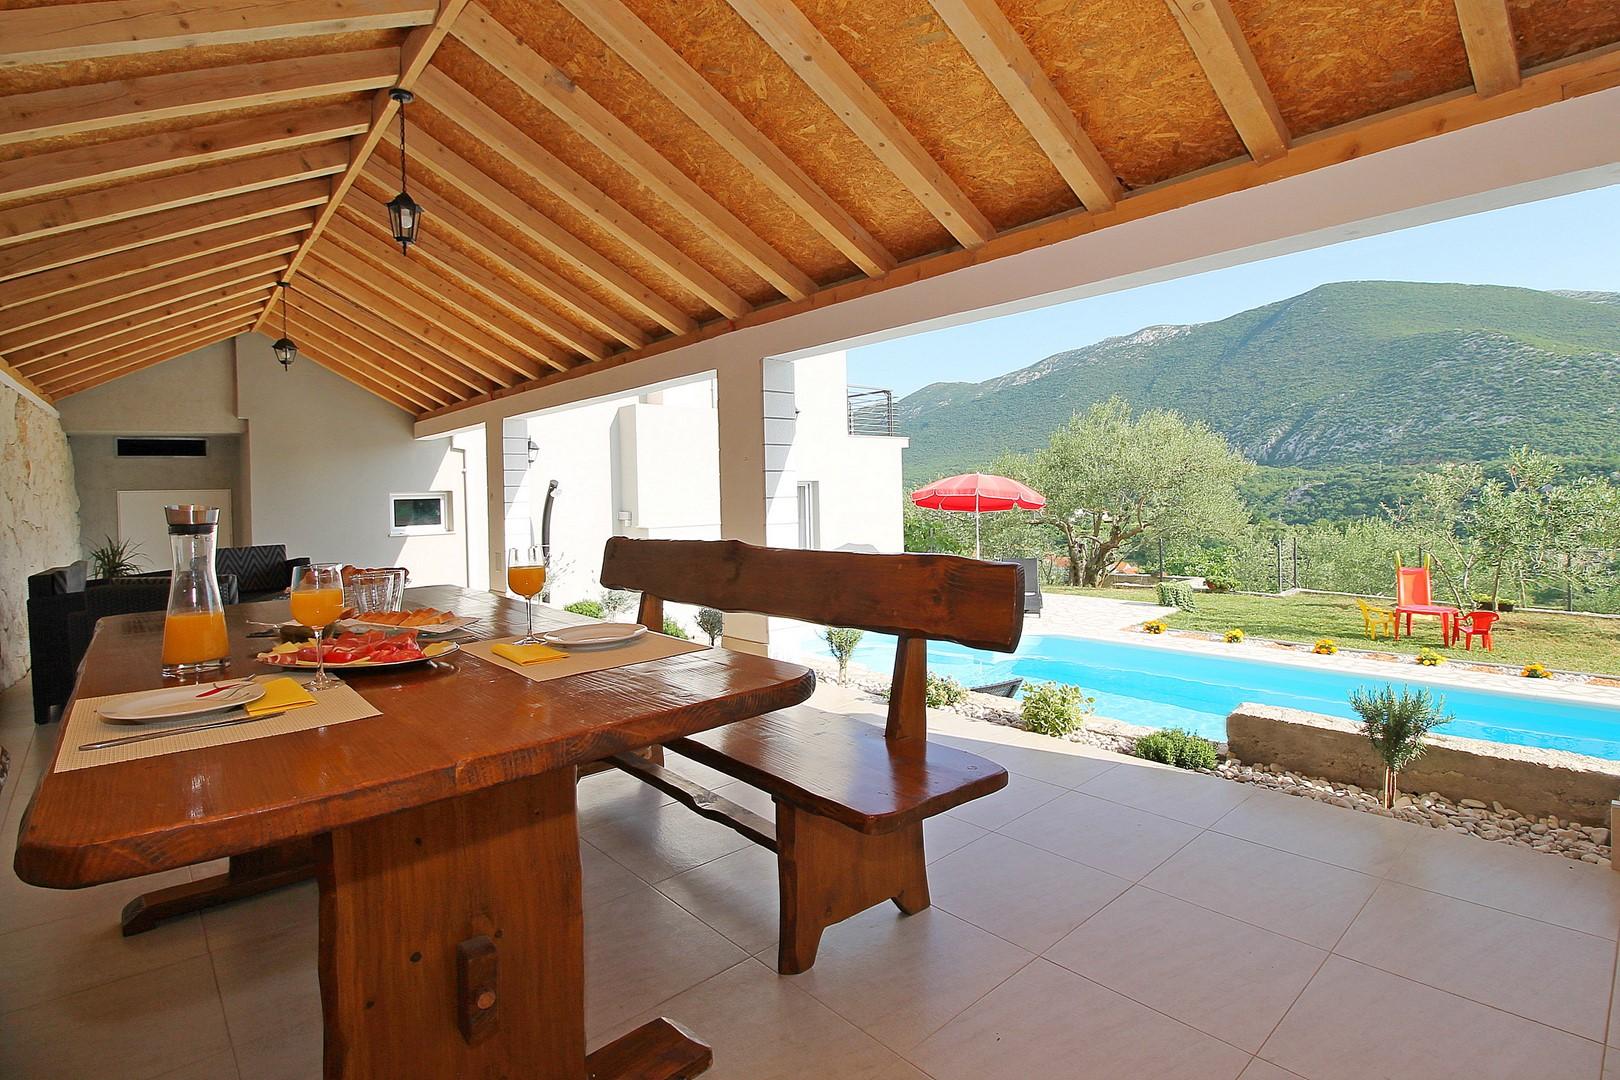 Ferienhaus Privater Pool 3,5 x 8,6 m, überdachter Essbereich im Freien, kostenloses WLAN, voll - klim (2663850), Kostanje, , Dalmatien, Kroatien, Bild 8